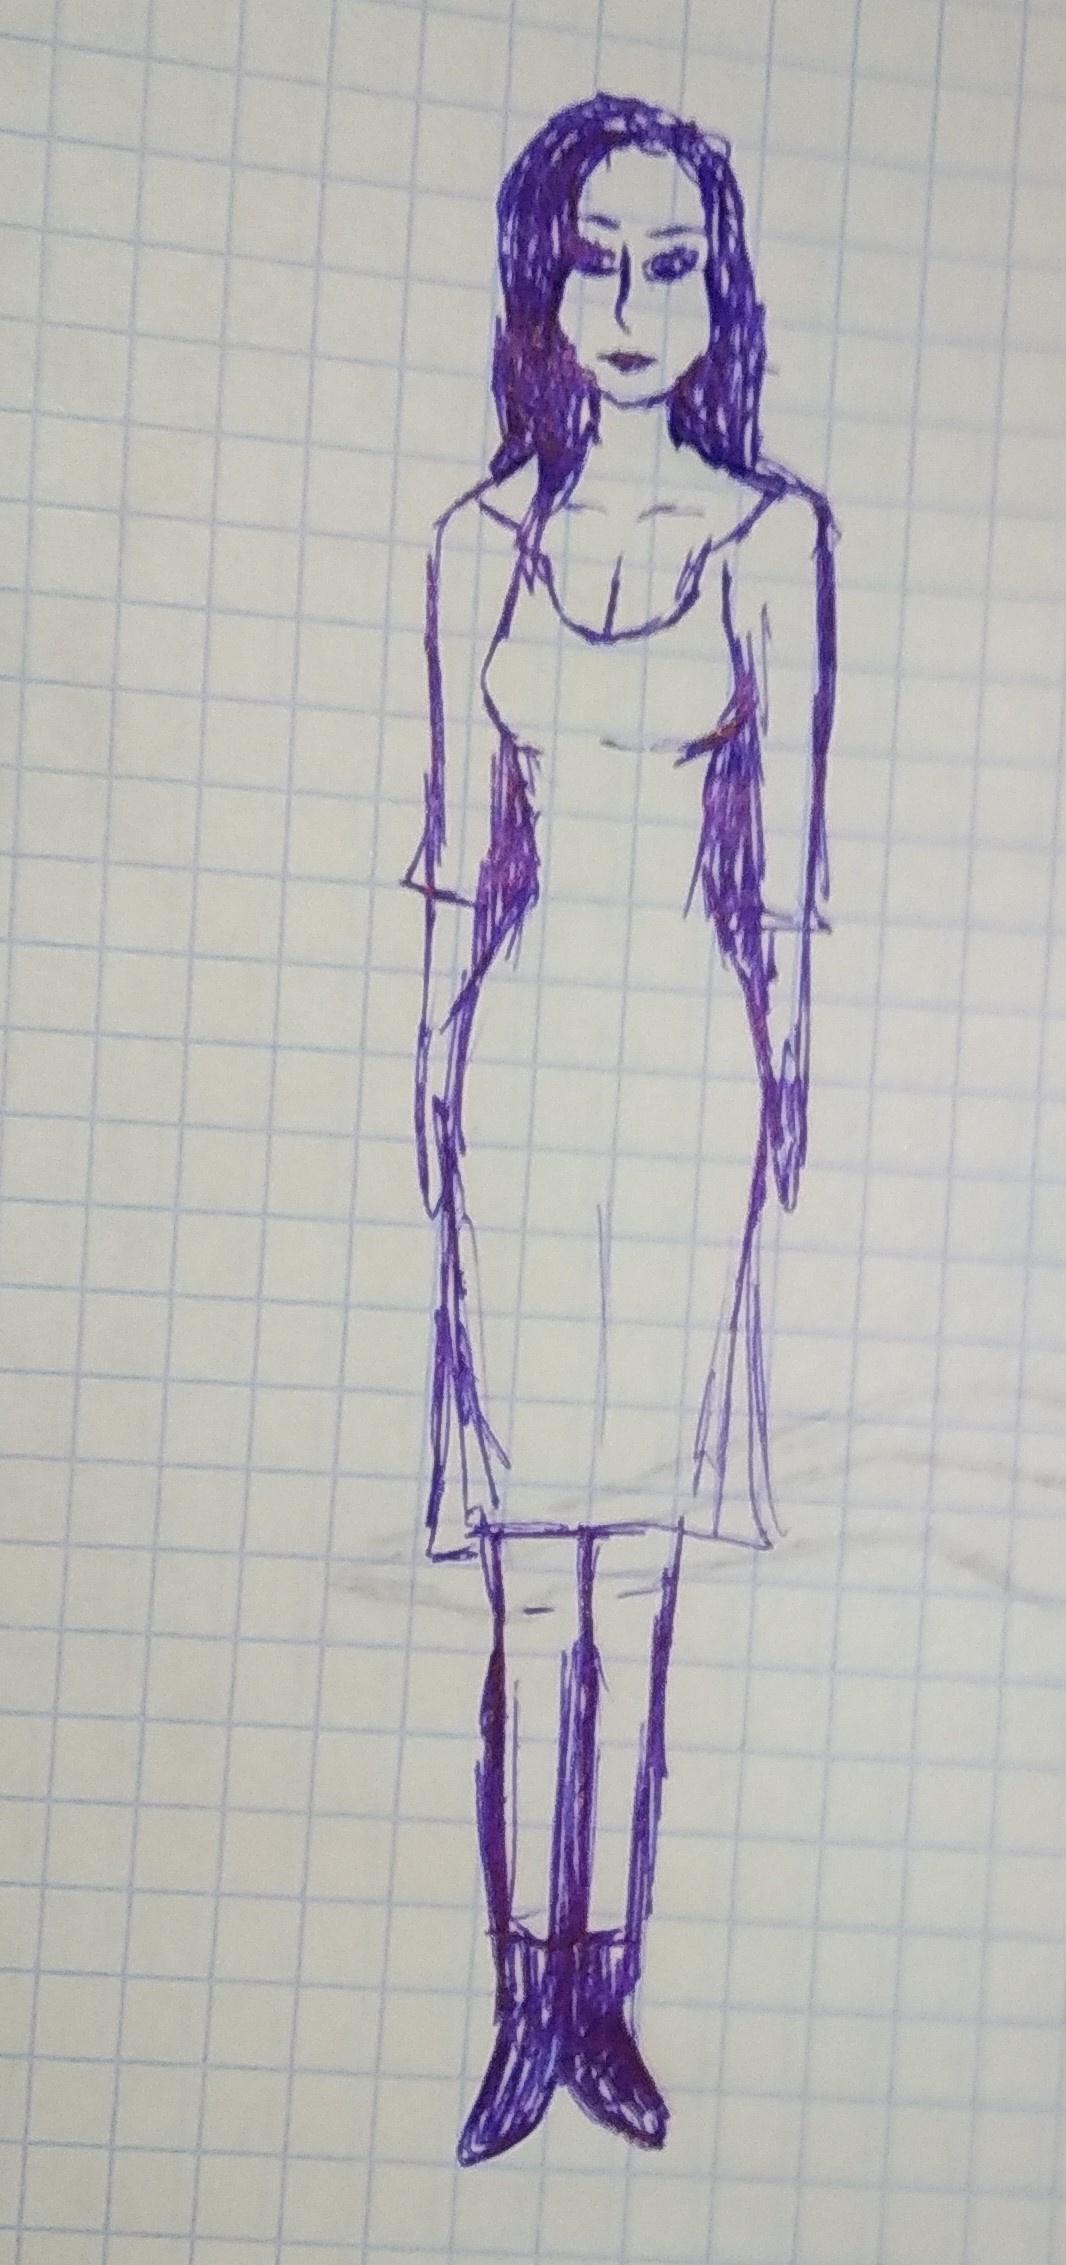 Zina Vladimirovna Parisva. Girl with long hair